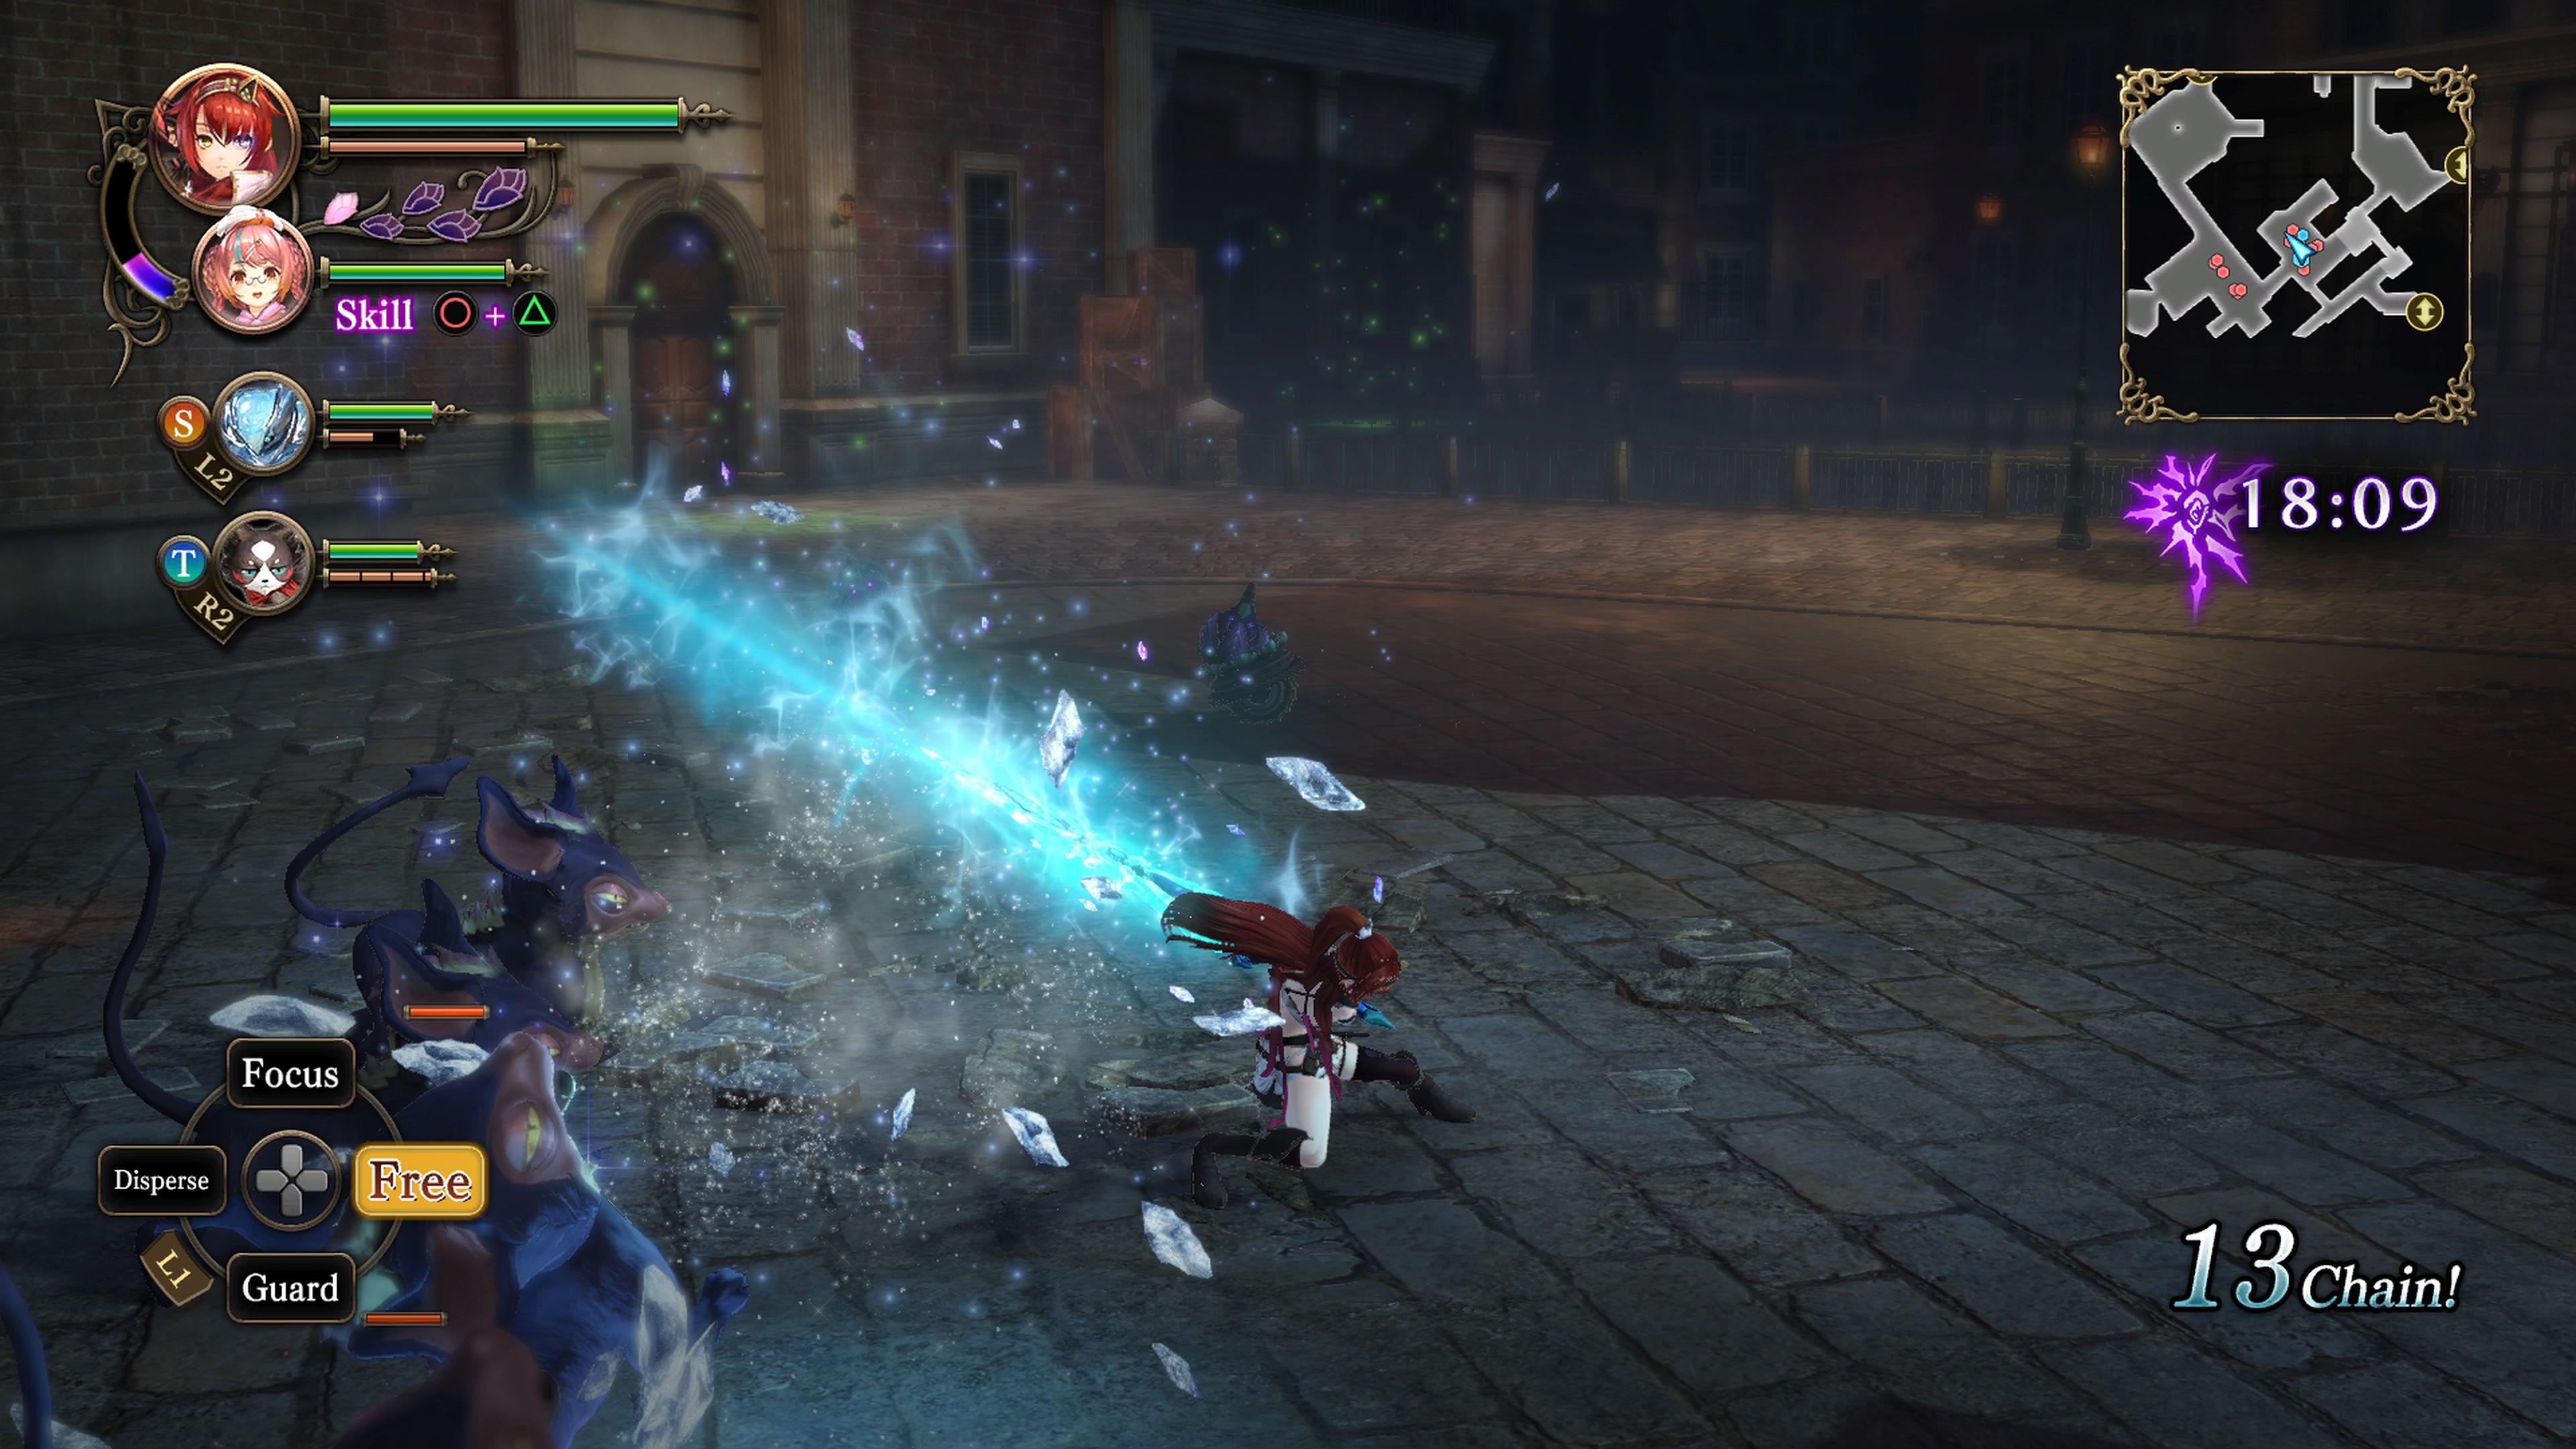 Detaily bojového sytému Nights of Azure 2 a bonusy po vydání 149834